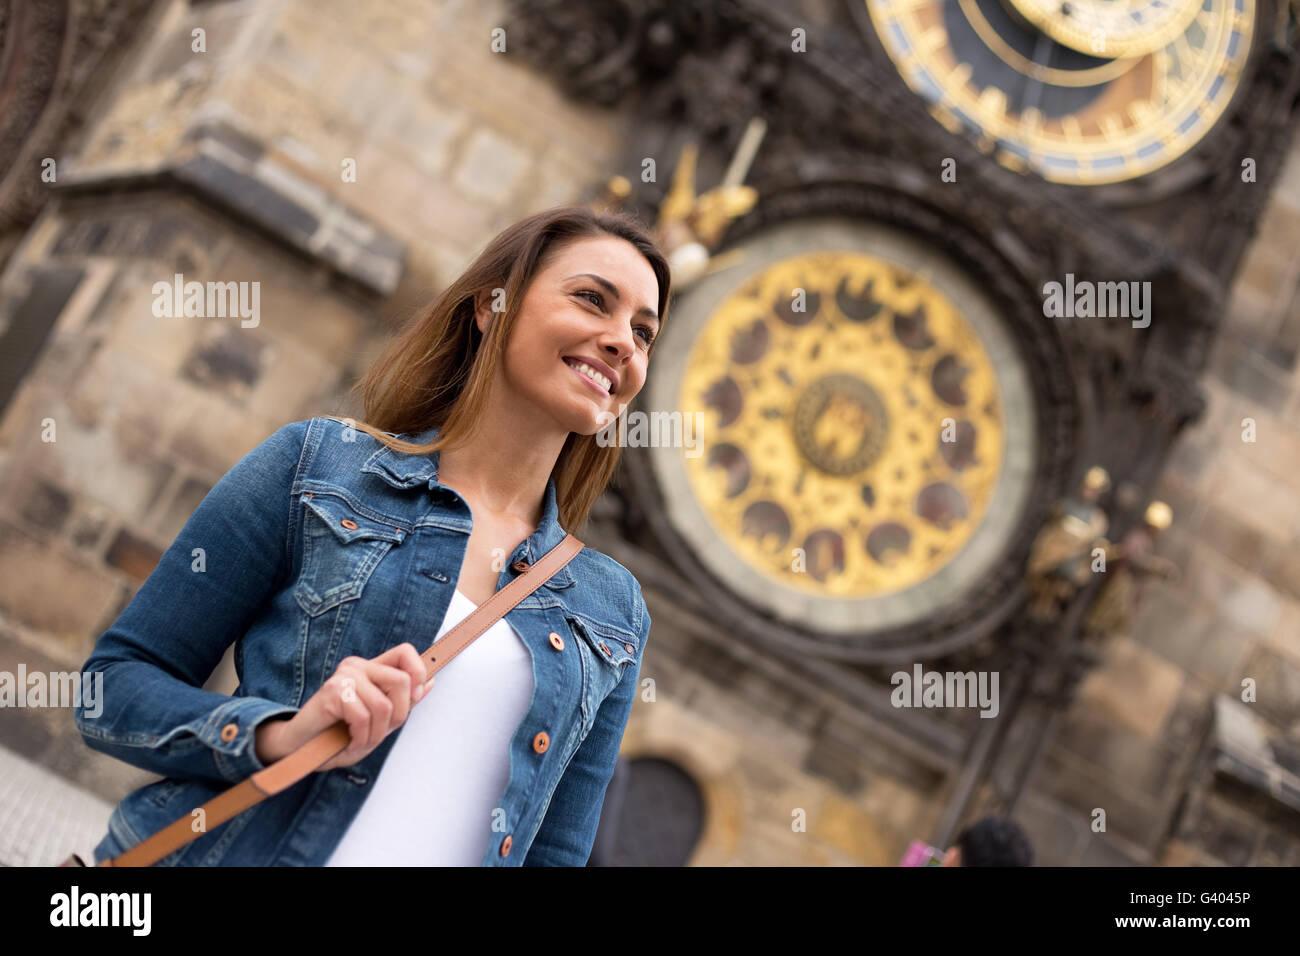 young woman enjoying her trip to Prague, czech republic - Stock Image